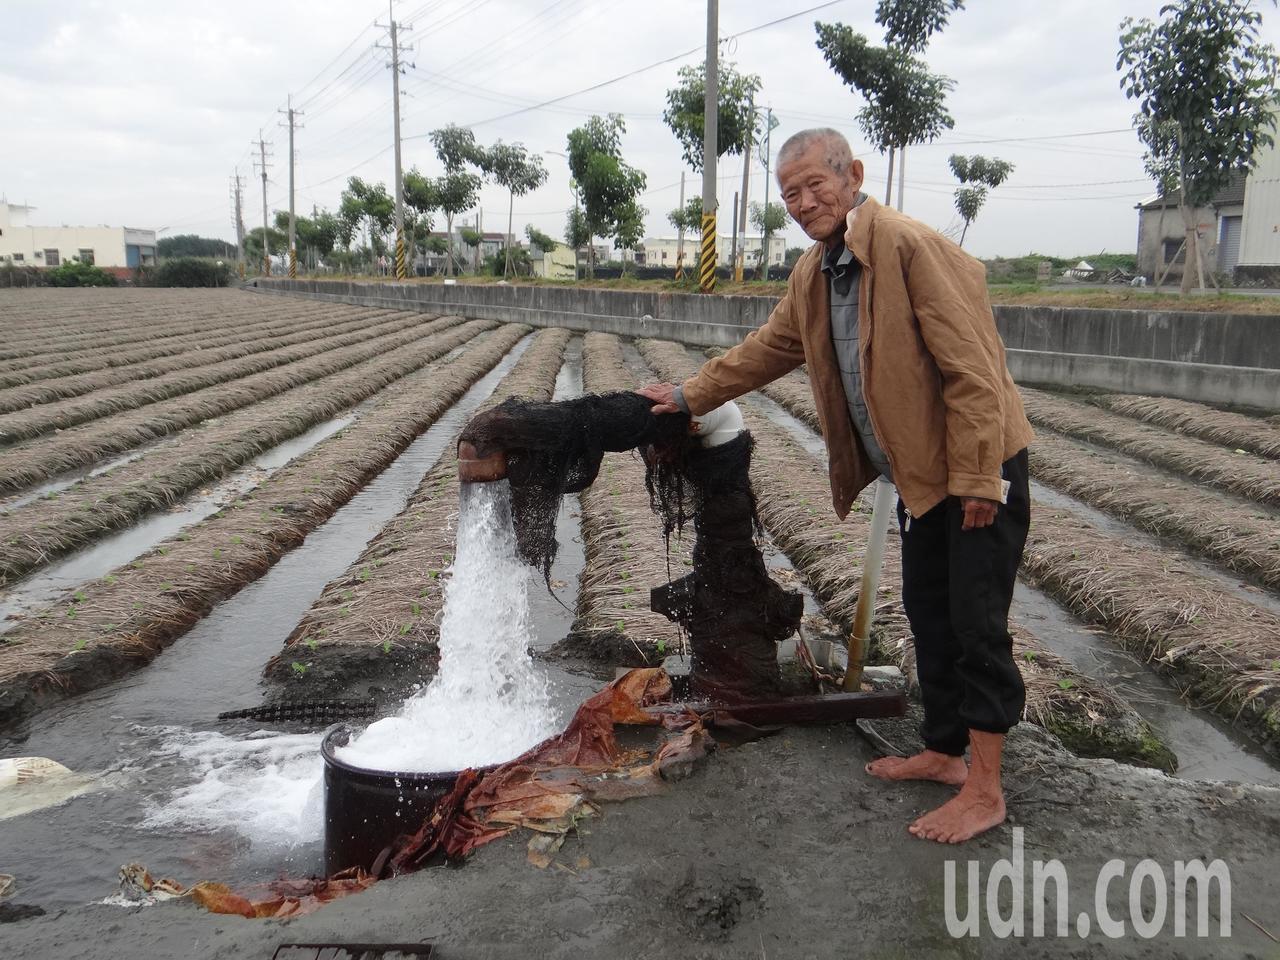 雲林縣府決定免徵地下水井規費,農民高興地說,不徵水權費可減輕不少負擔,這比補助好...